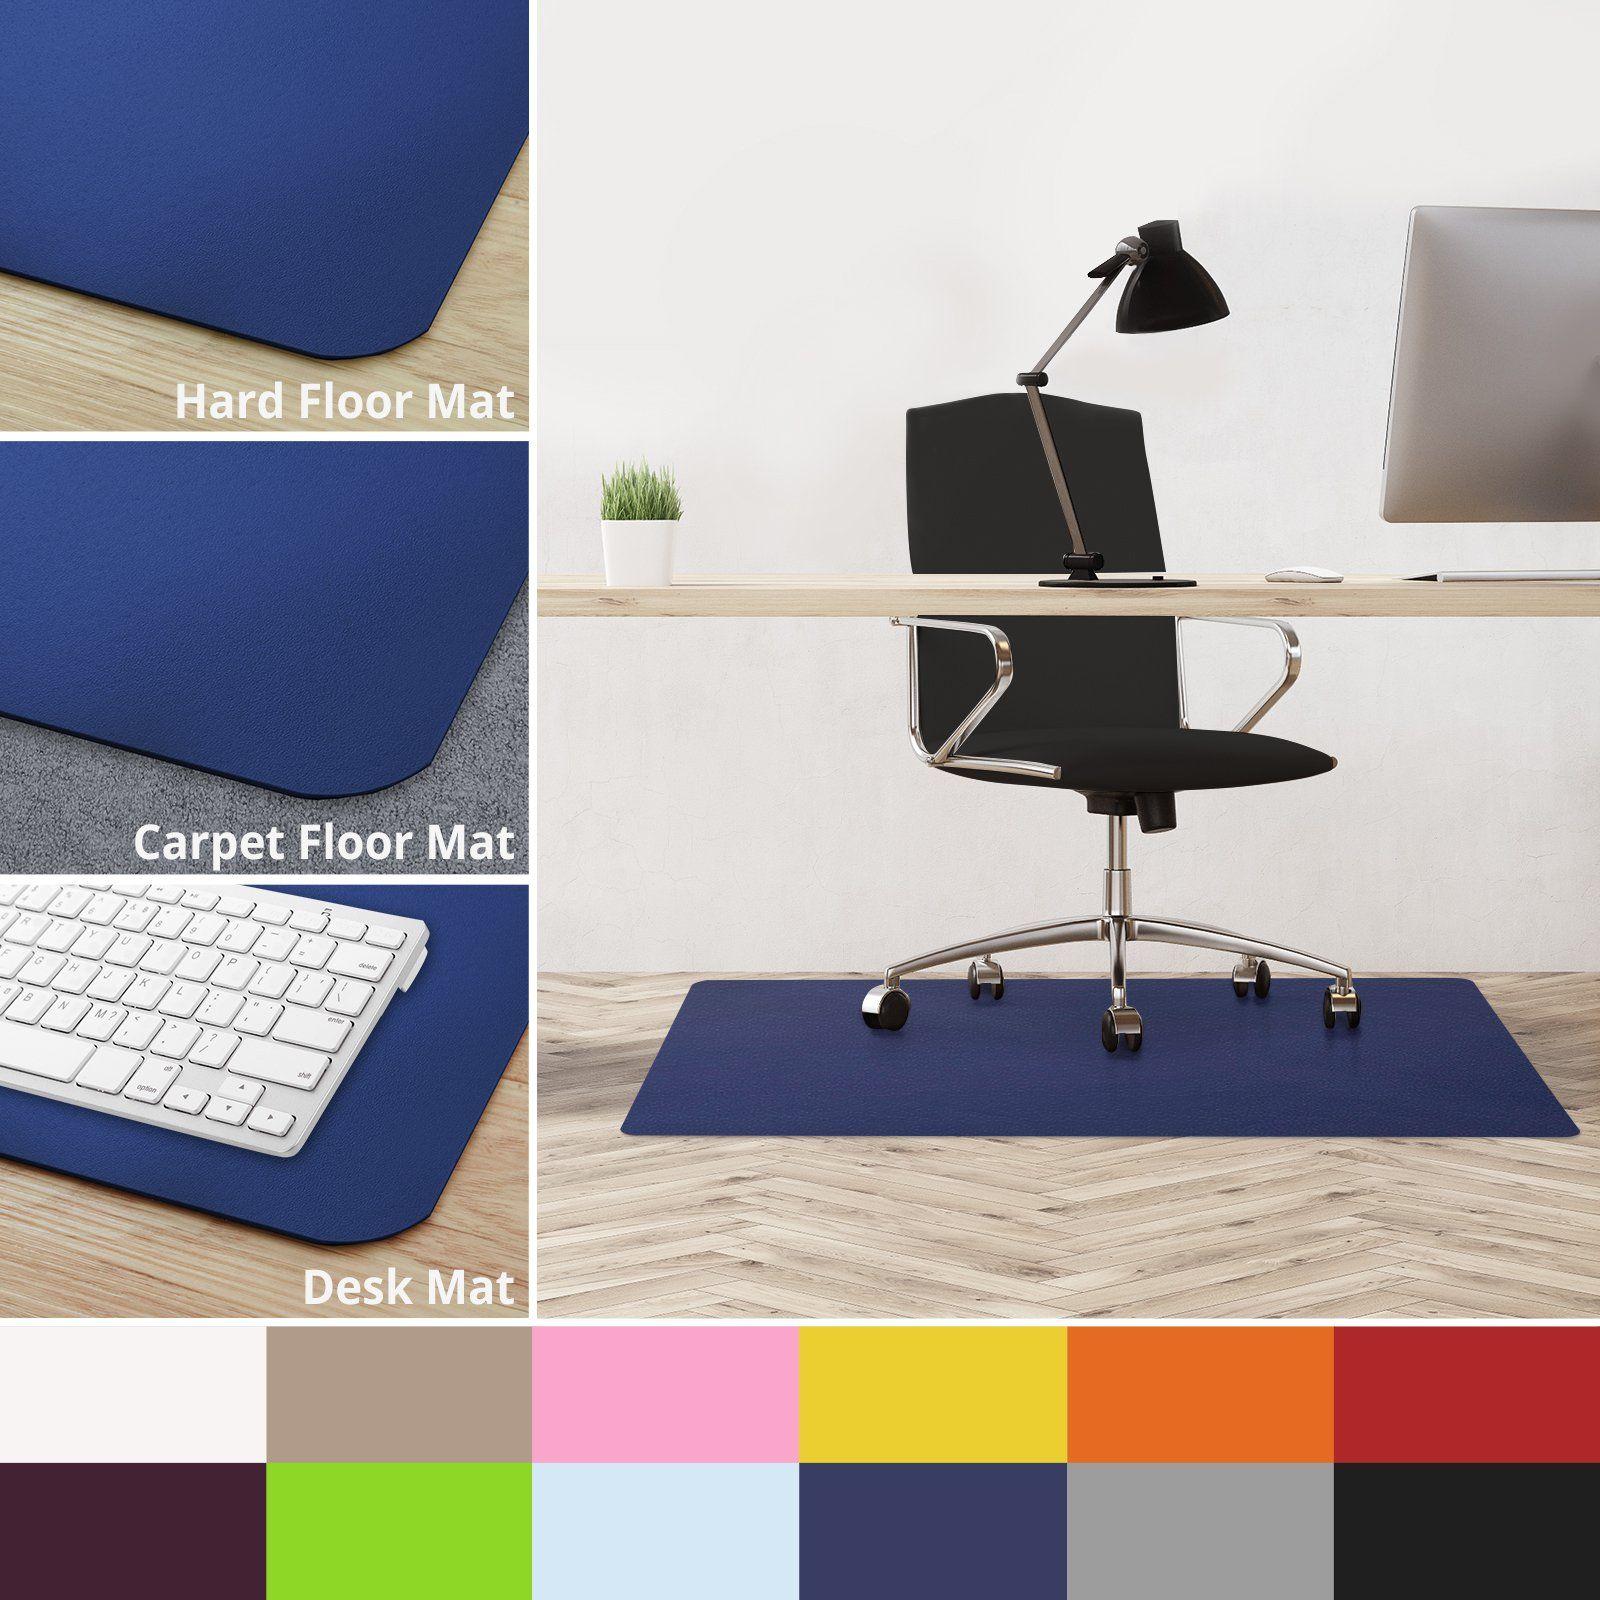 hardwood floor office chair mat carpet casa pura 30x48 desk hard matsdark blue bpa free odorless matching mats available read more reviews of the